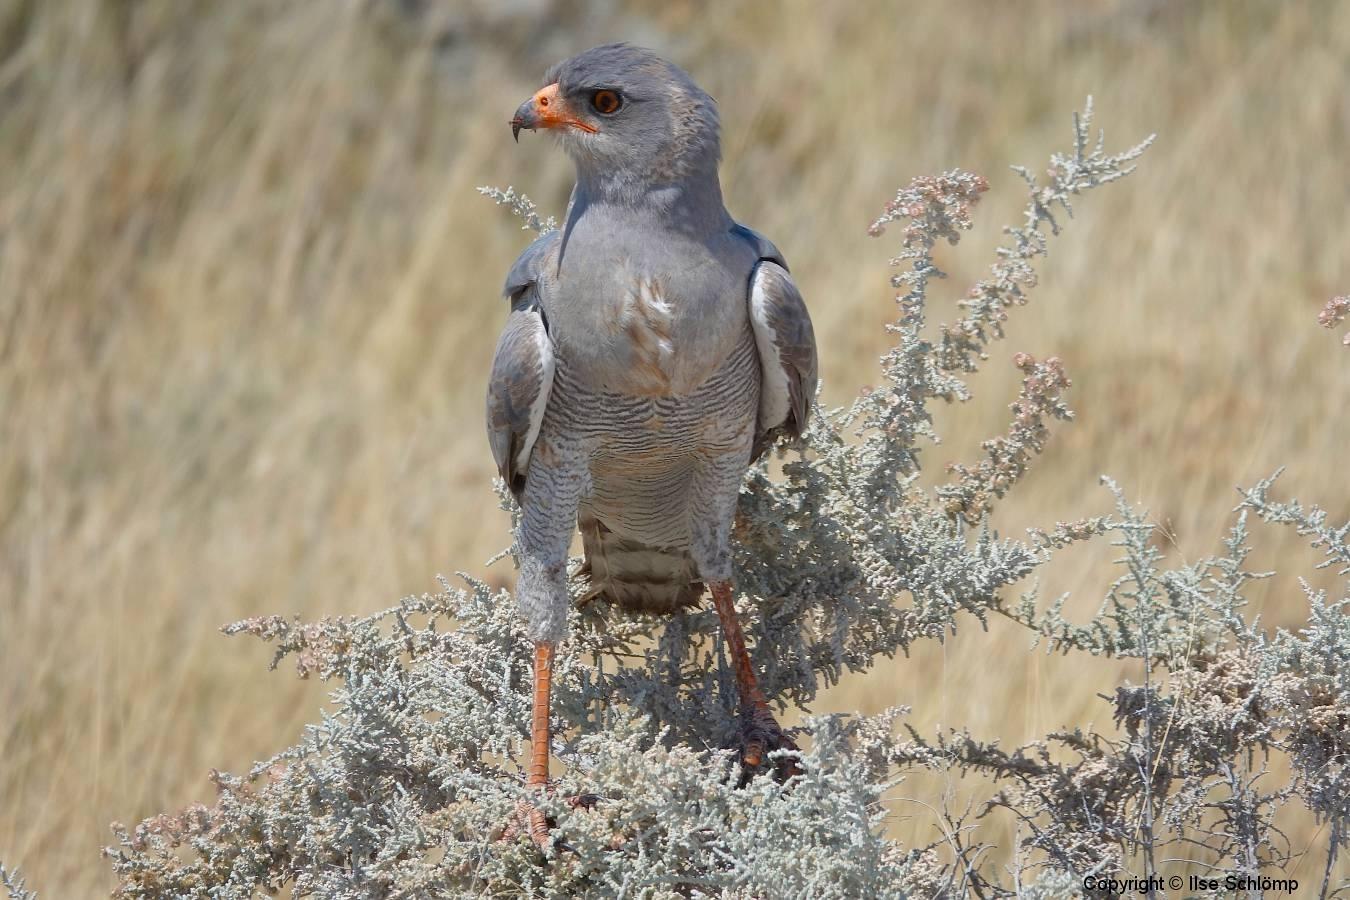 Namibia, Etosha Nationalpark, Schlangensperber